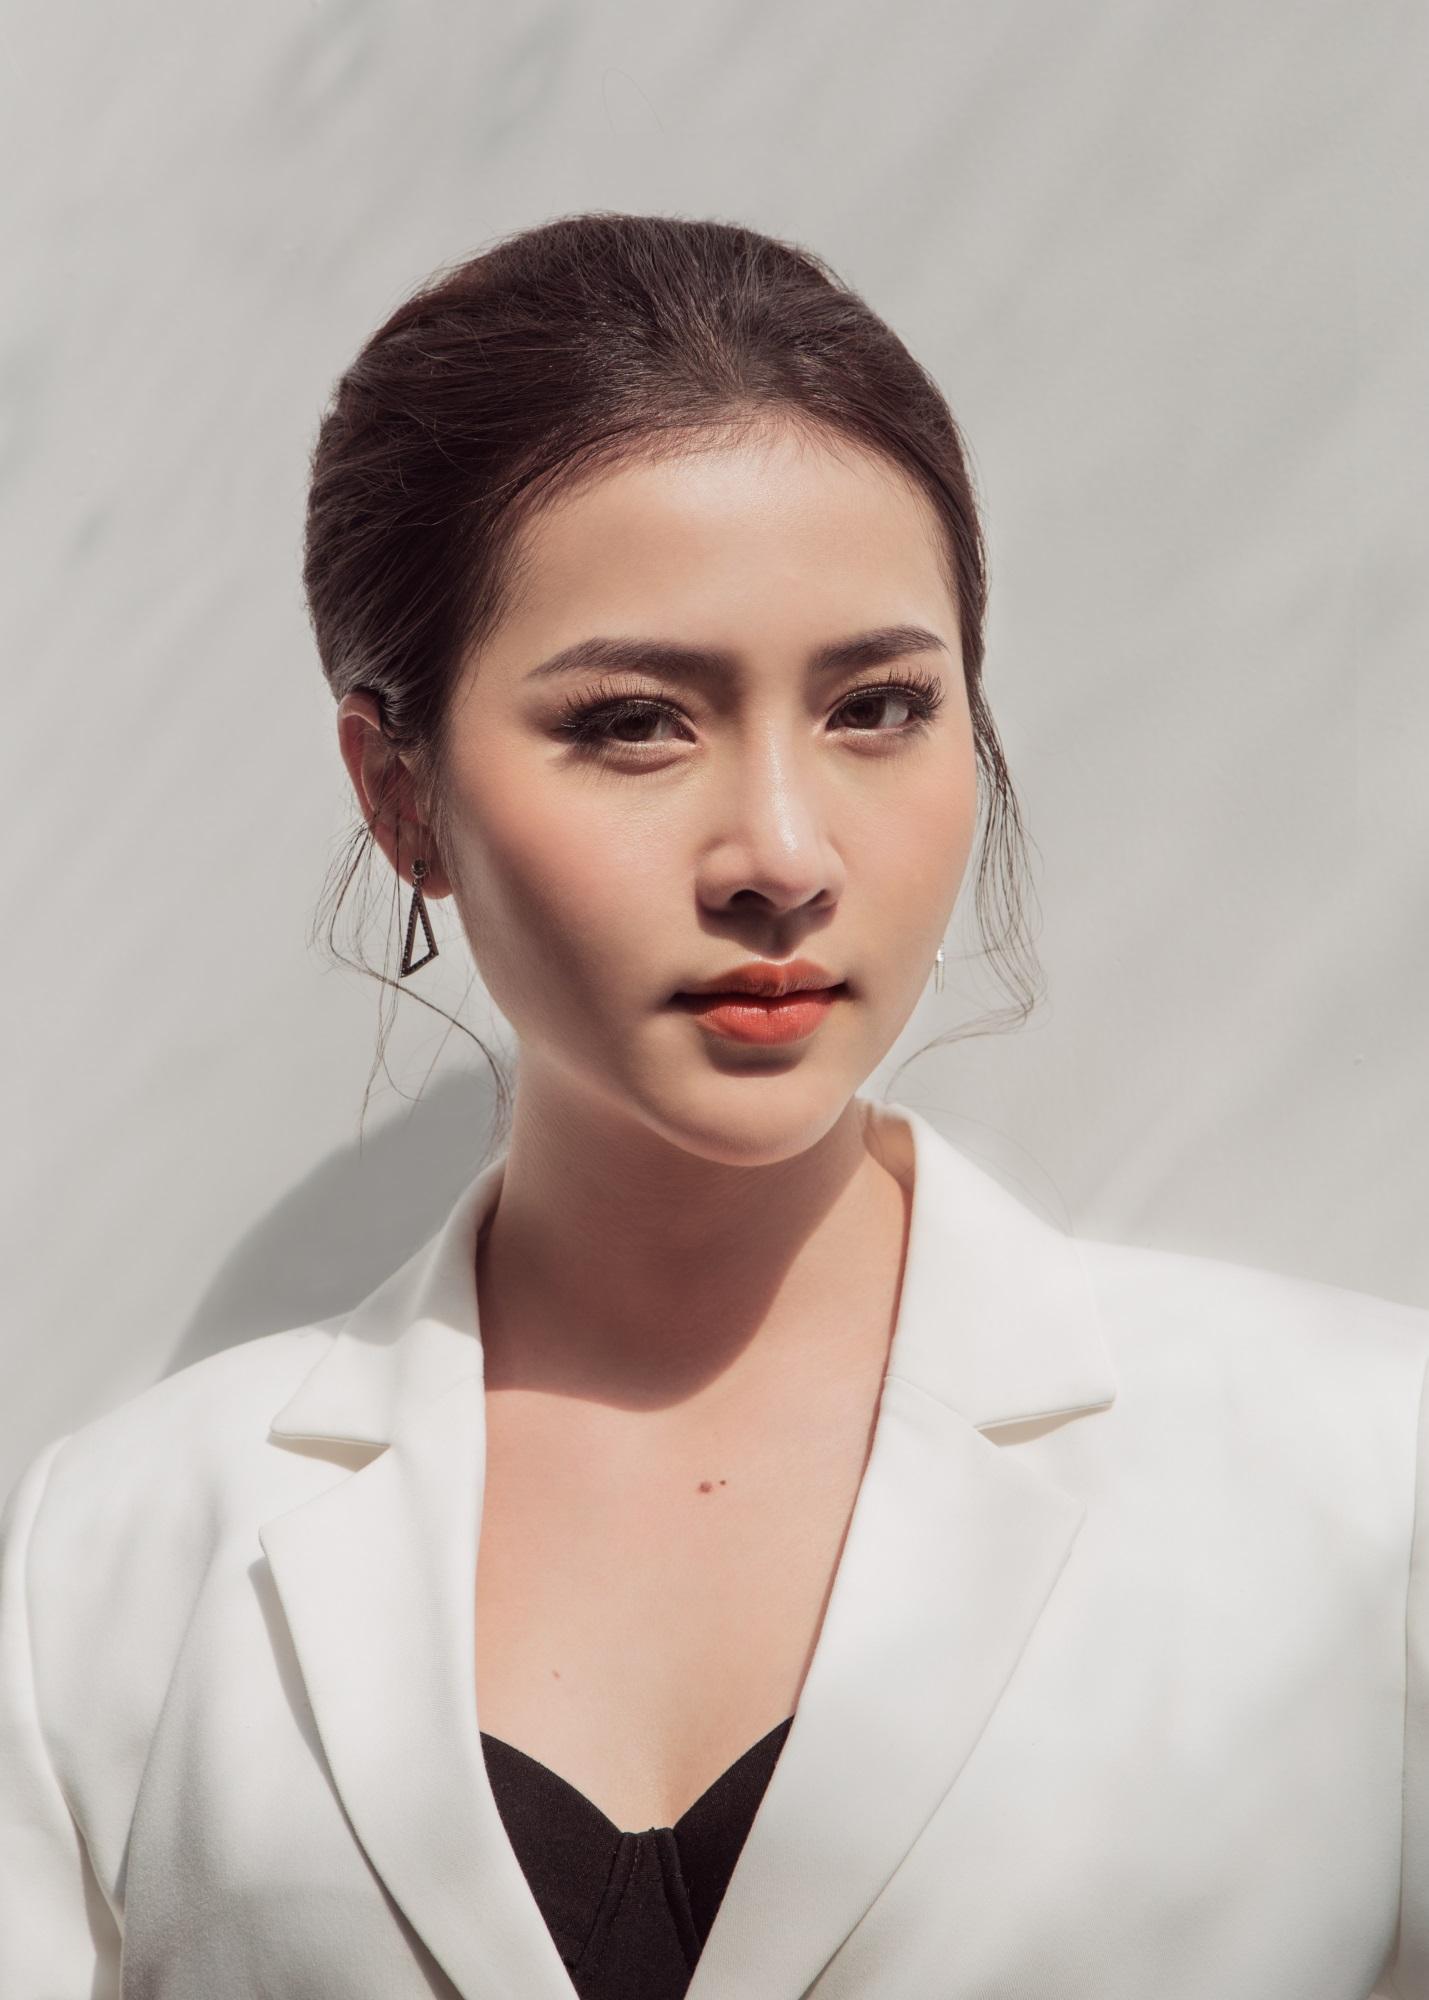 Hoa hậu Biển Kim Ngọc 'tái xuất' với hình ảnh quý cô thanh lịch đầy cuốn hút - Ảnh 13